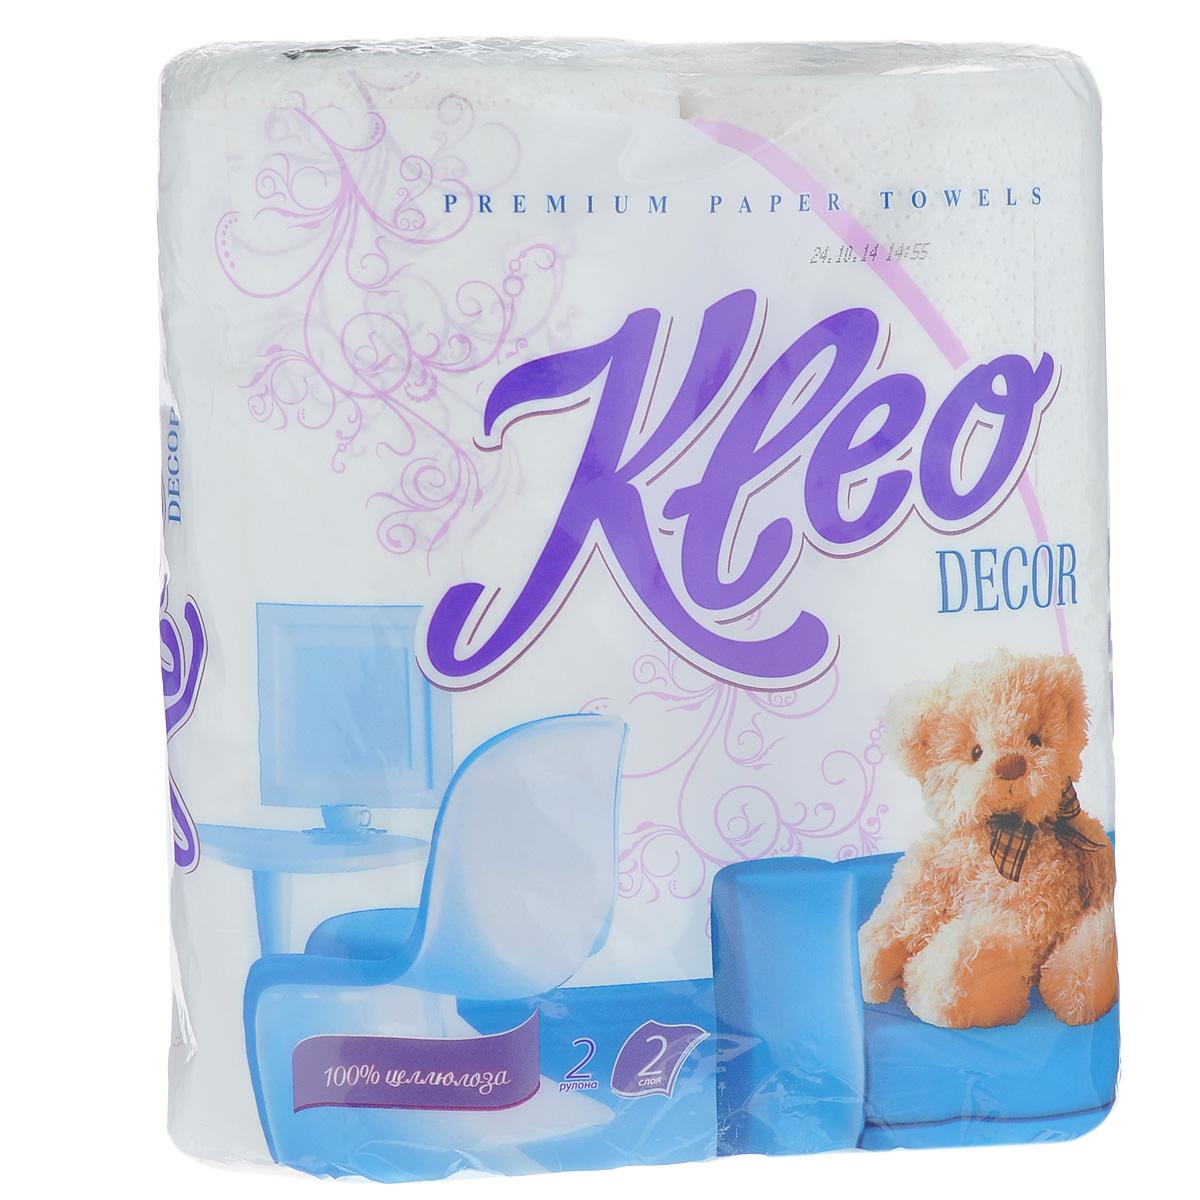 Полотенца бумажные Kleo Decor, двухслойные, цвет: белый, 2 рулонаC120Бумажные полотенца Kleo Decor созданы из экологически чистого волокна - 100% целлюлозы. Двухслойные, с цветным рисунком. Хорошо впитывают влагу и идеально подходят для ежедневного использования. Количество листов: 48 шт. Количество слоев: 2. Размер листа: 25 см х 23 см. Состав: 100% целлюлоза.